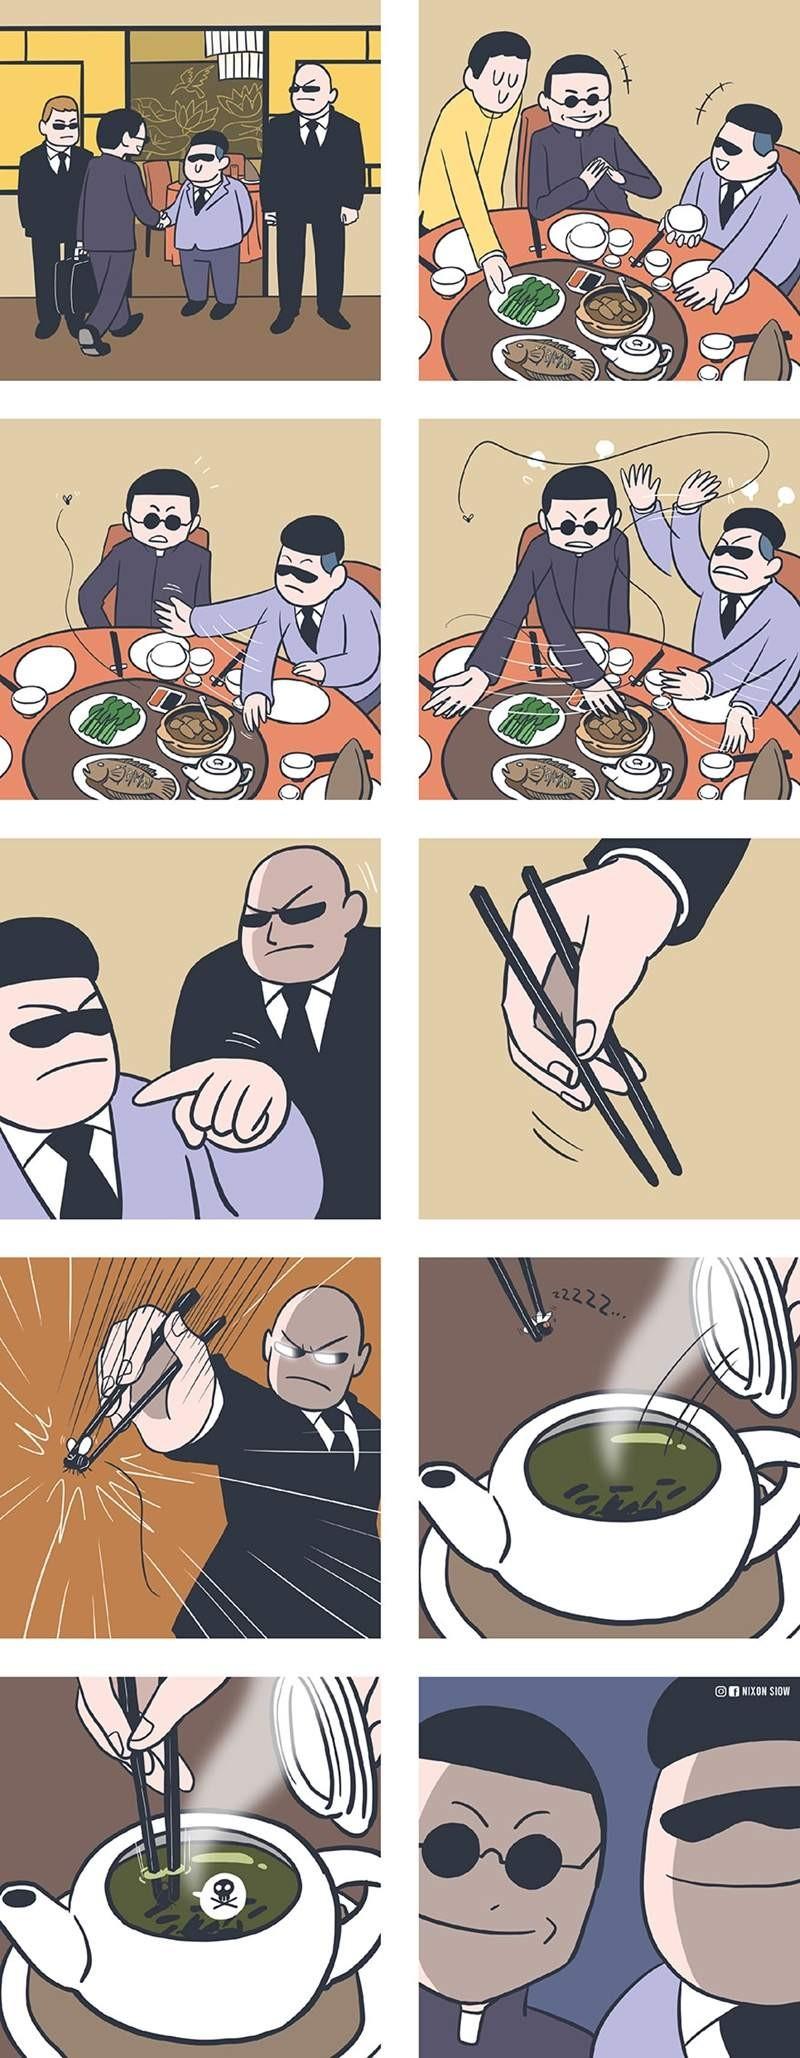 【蜗牛扑克】疯狂有钱人的狂野生活 有钱人就是任性